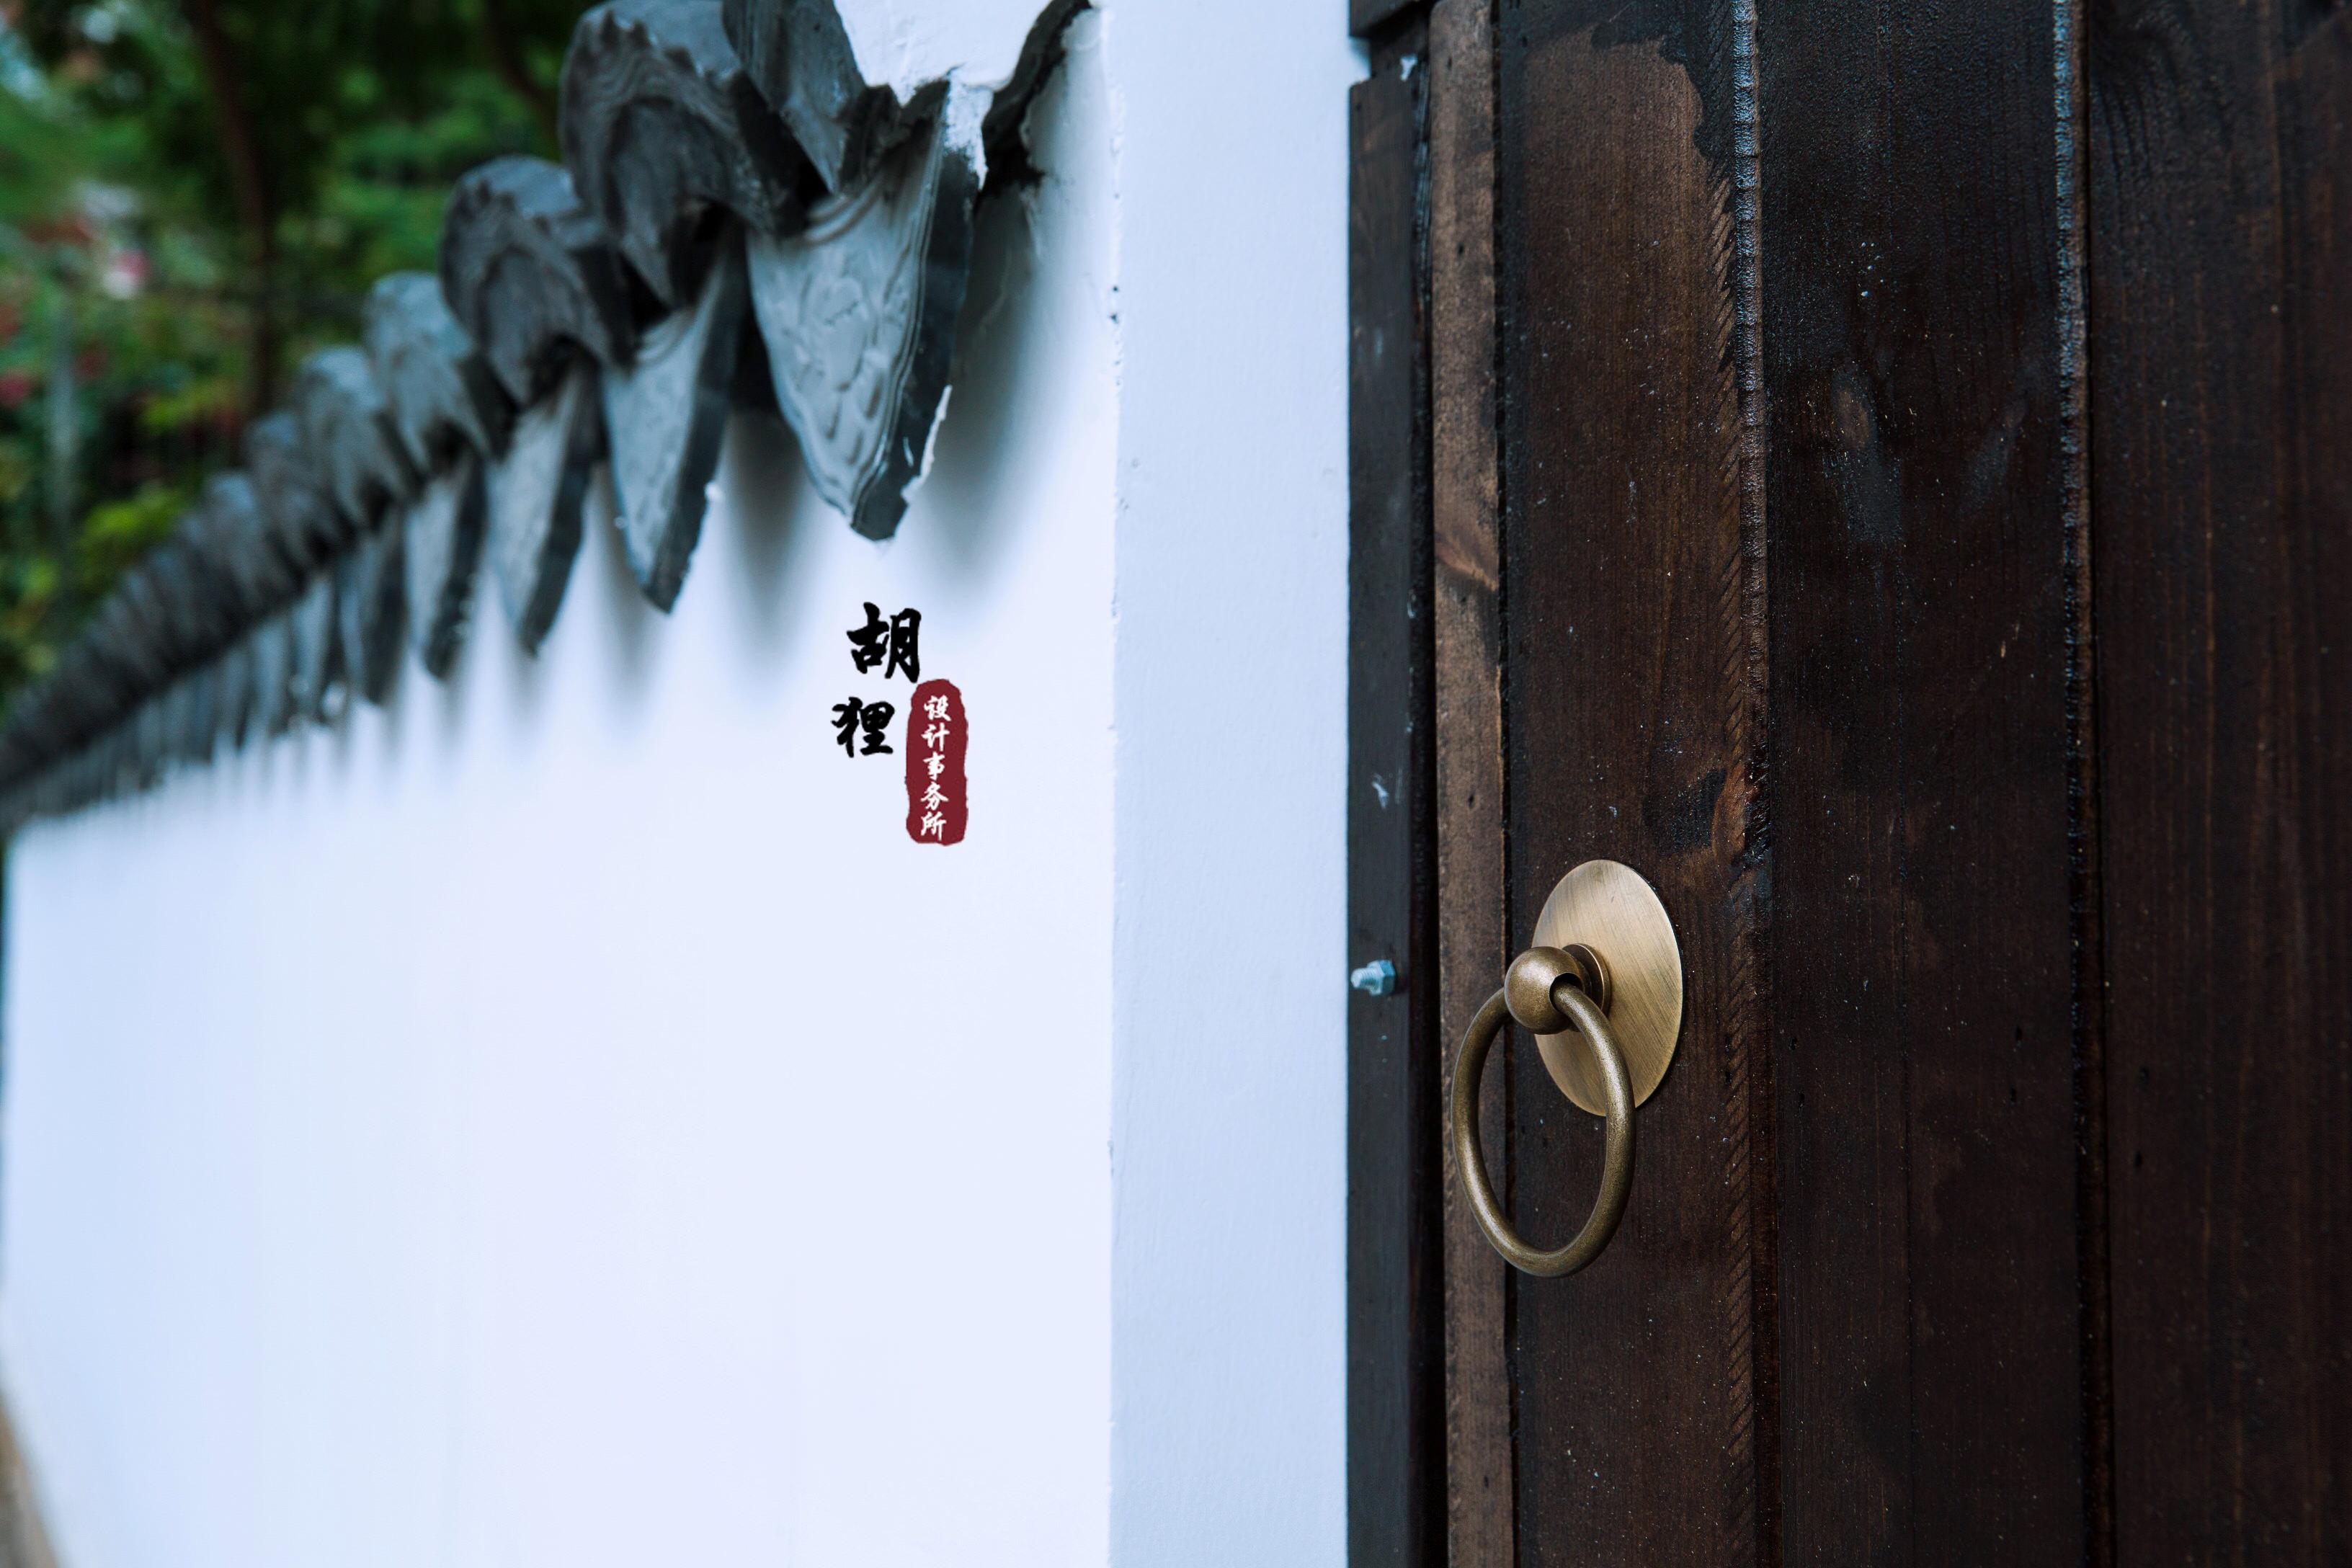 江南风 其他图片来自设计师胡狸在此心安处的分享